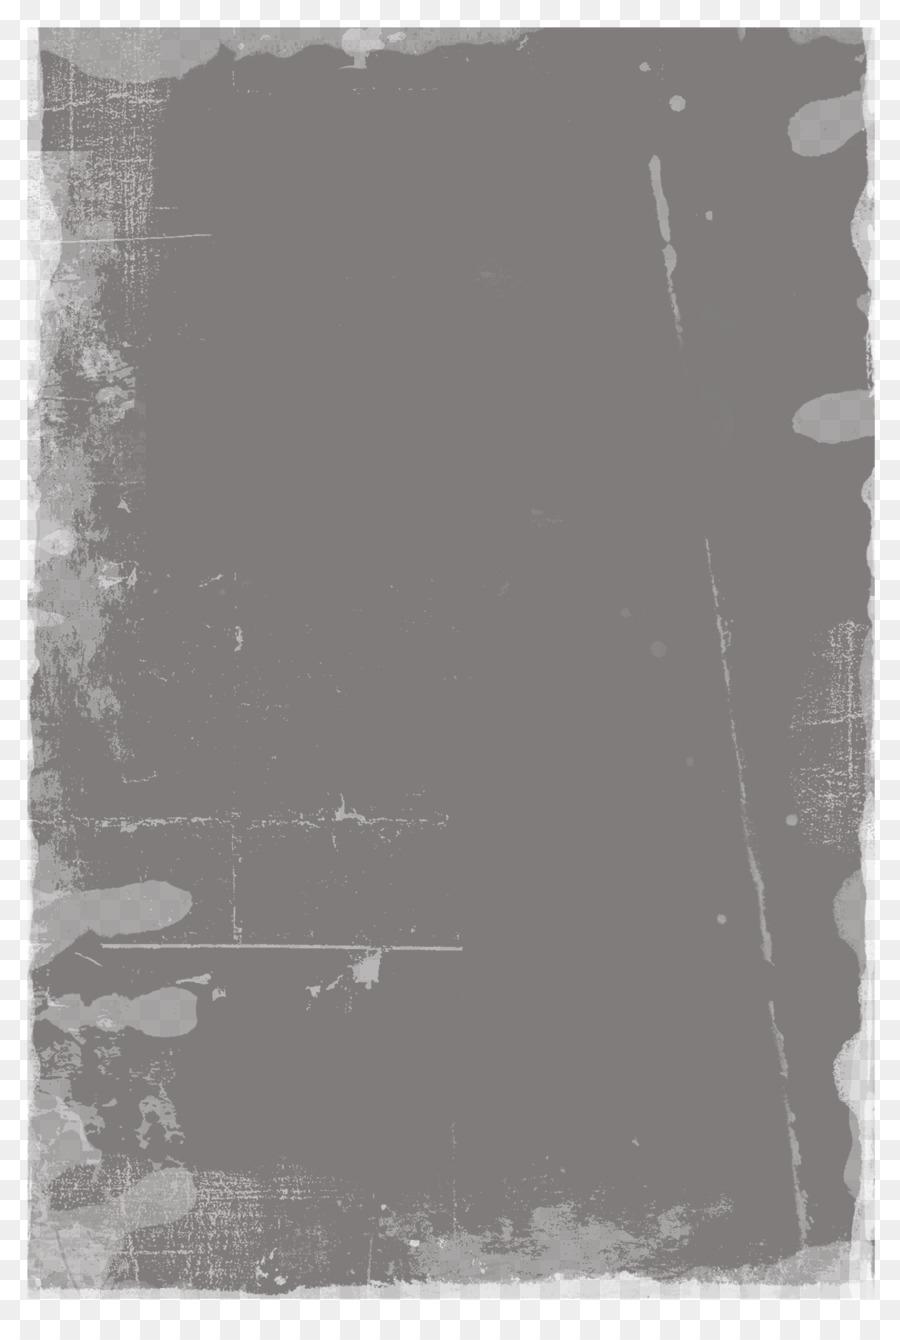 Descarga gratuita de En Blanco Y Negro, Superposición De, Adobe Photoshop Elements imágenes PNG